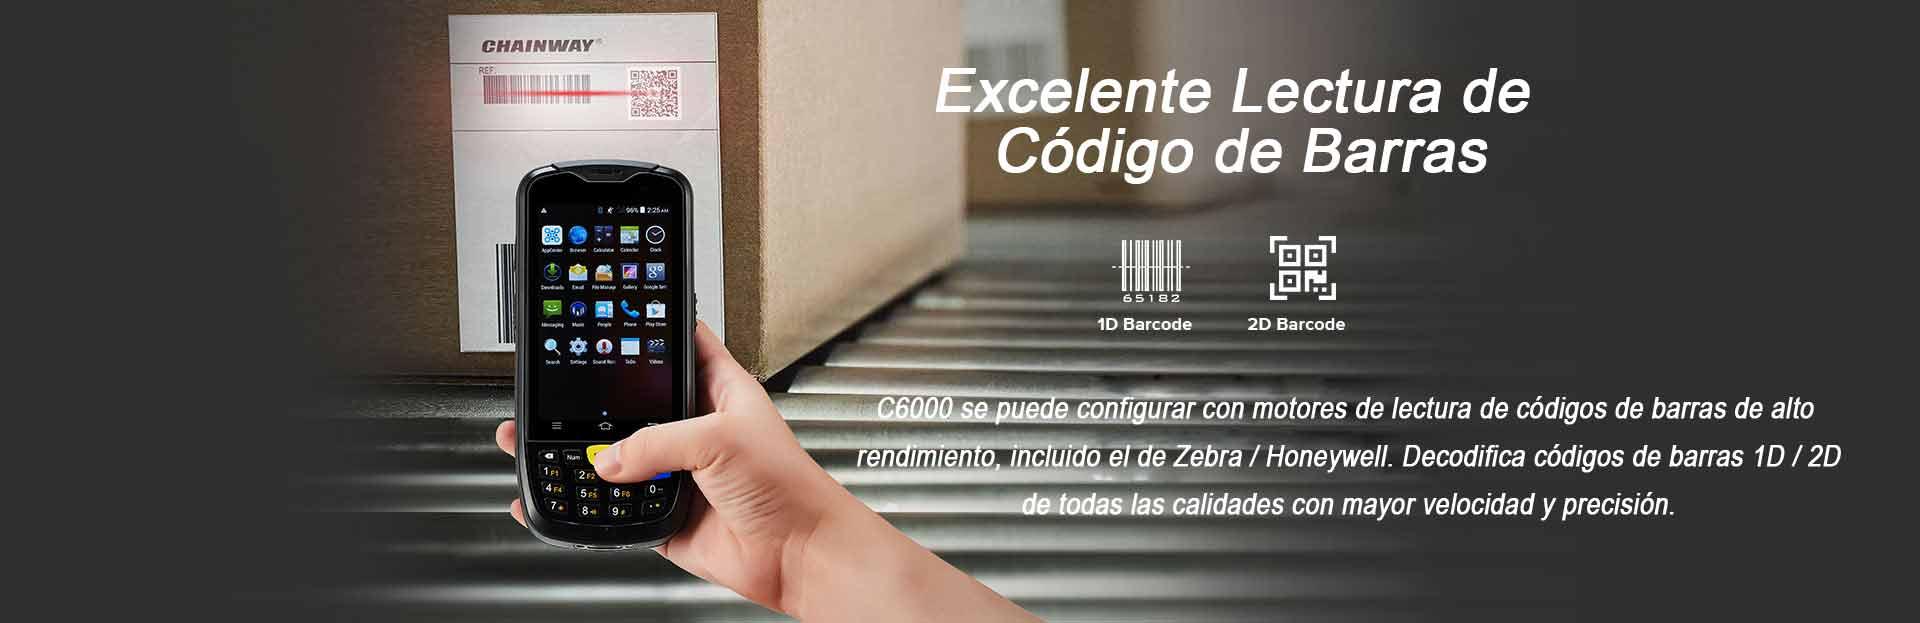 TERMINAL PORTATIL C6000  CODIGO BARRAS